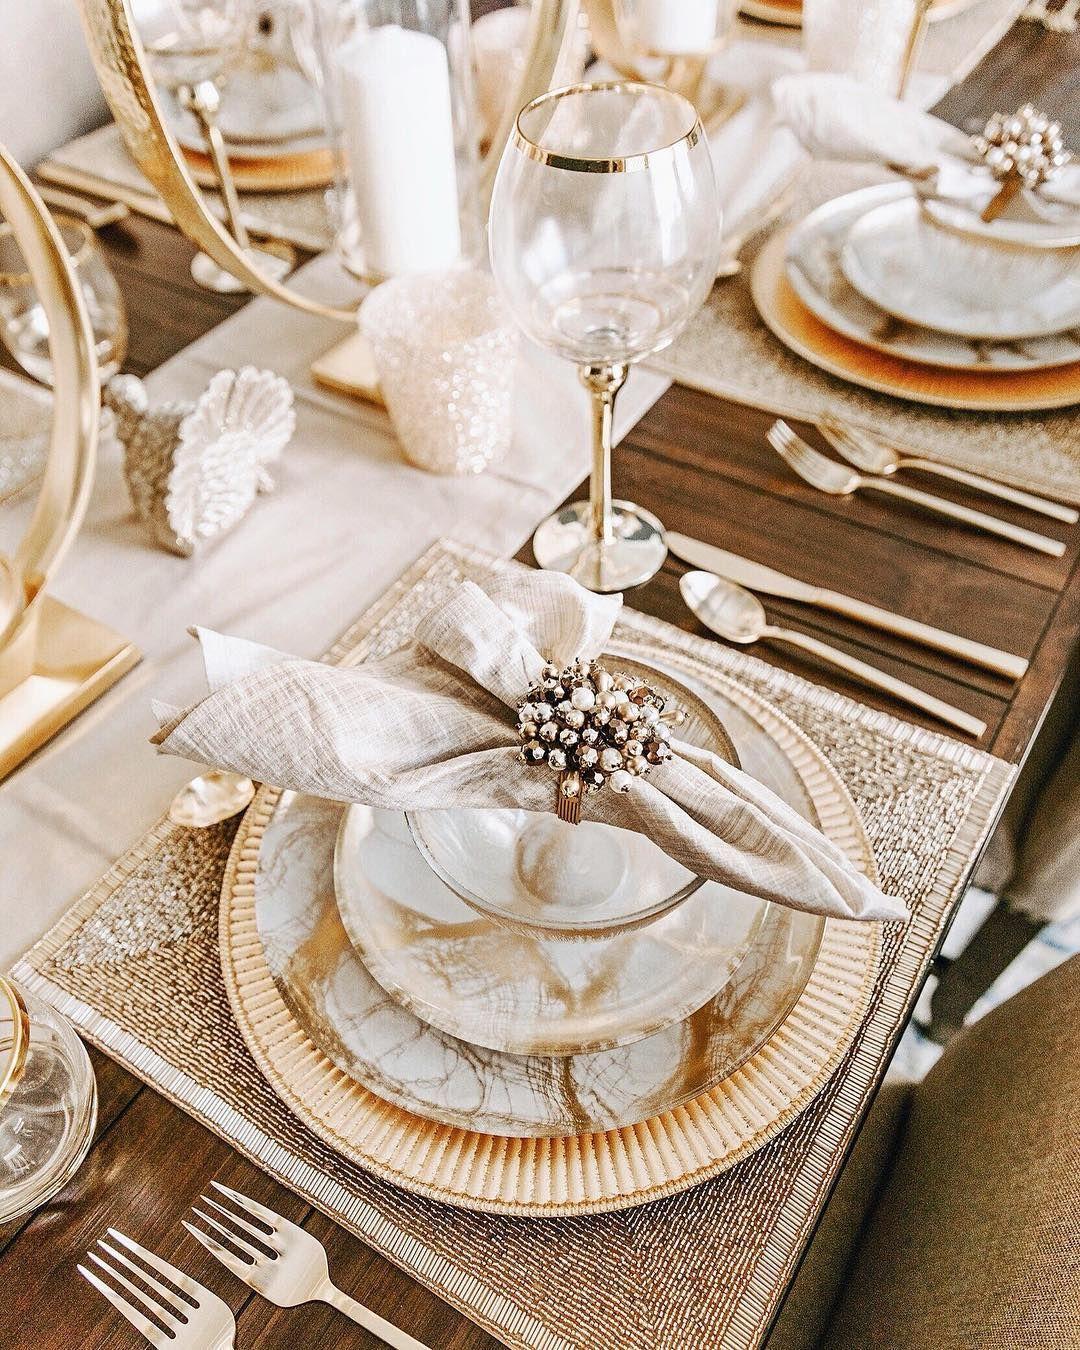 A Imagem Pode Conter 1 Pessoa Mesa E Area Interna Dining Room